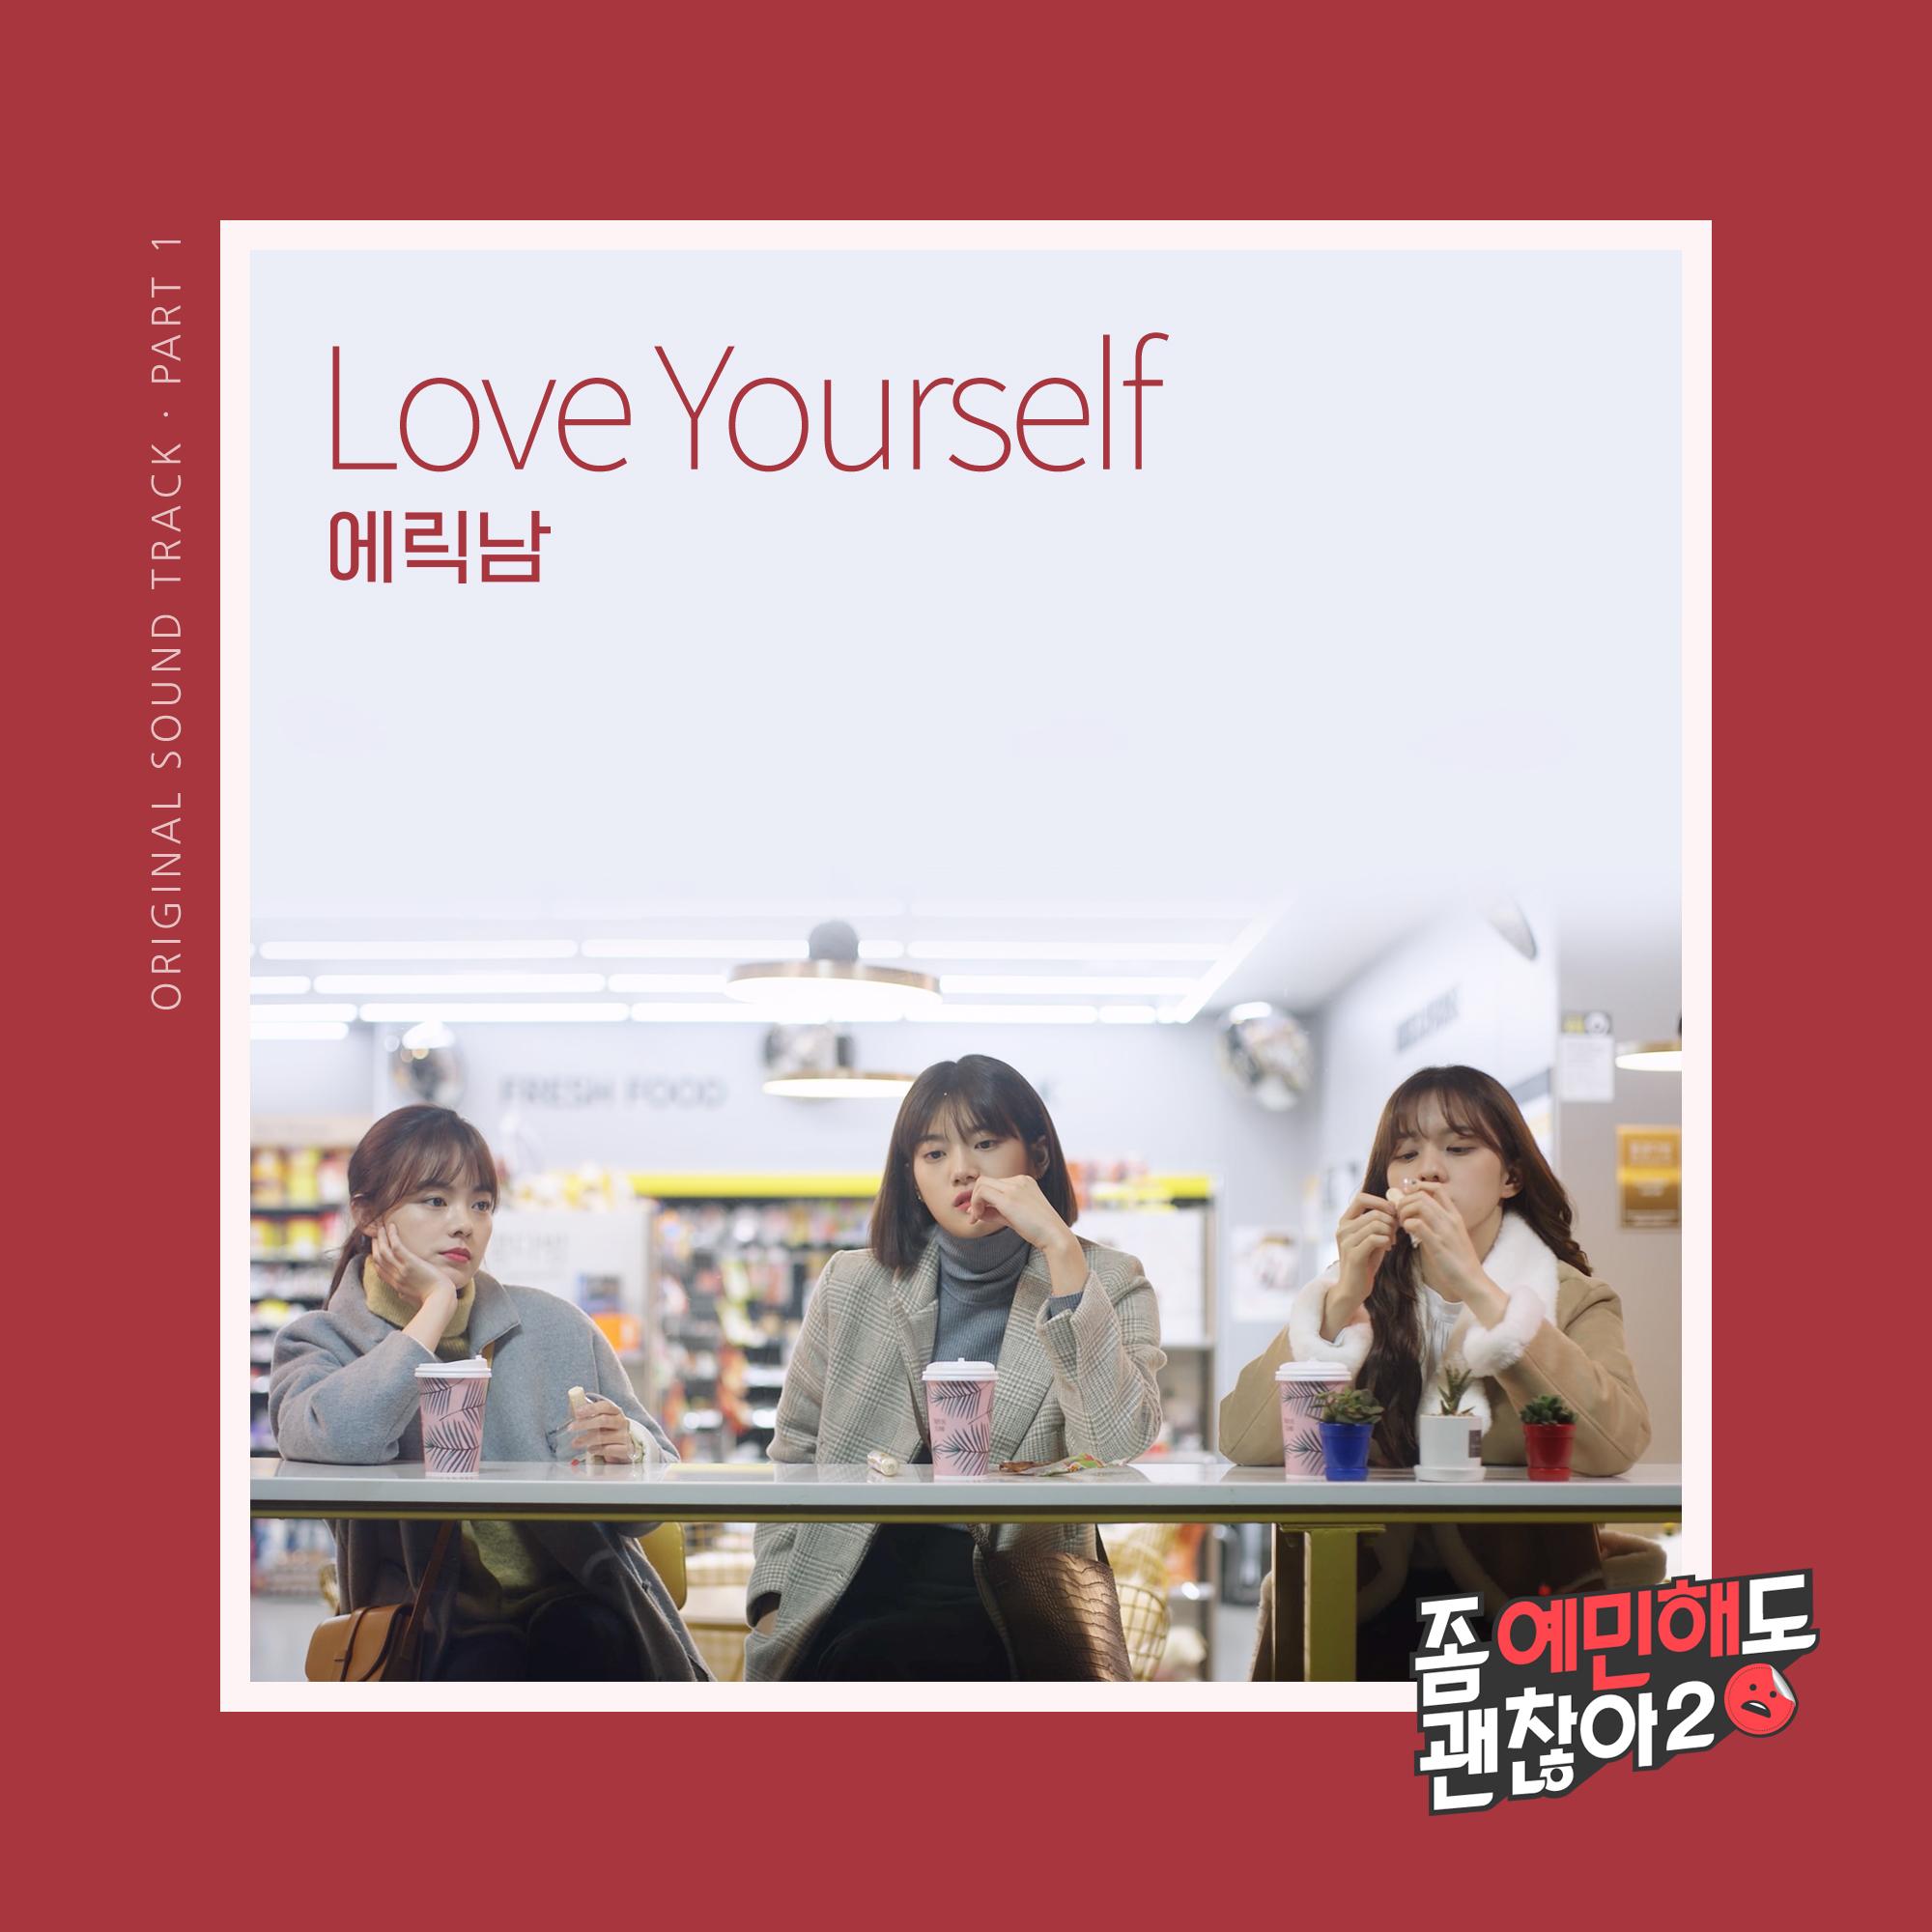 [좀예민해도괜찮아2 OST part.1] 에릭남-Love yourself